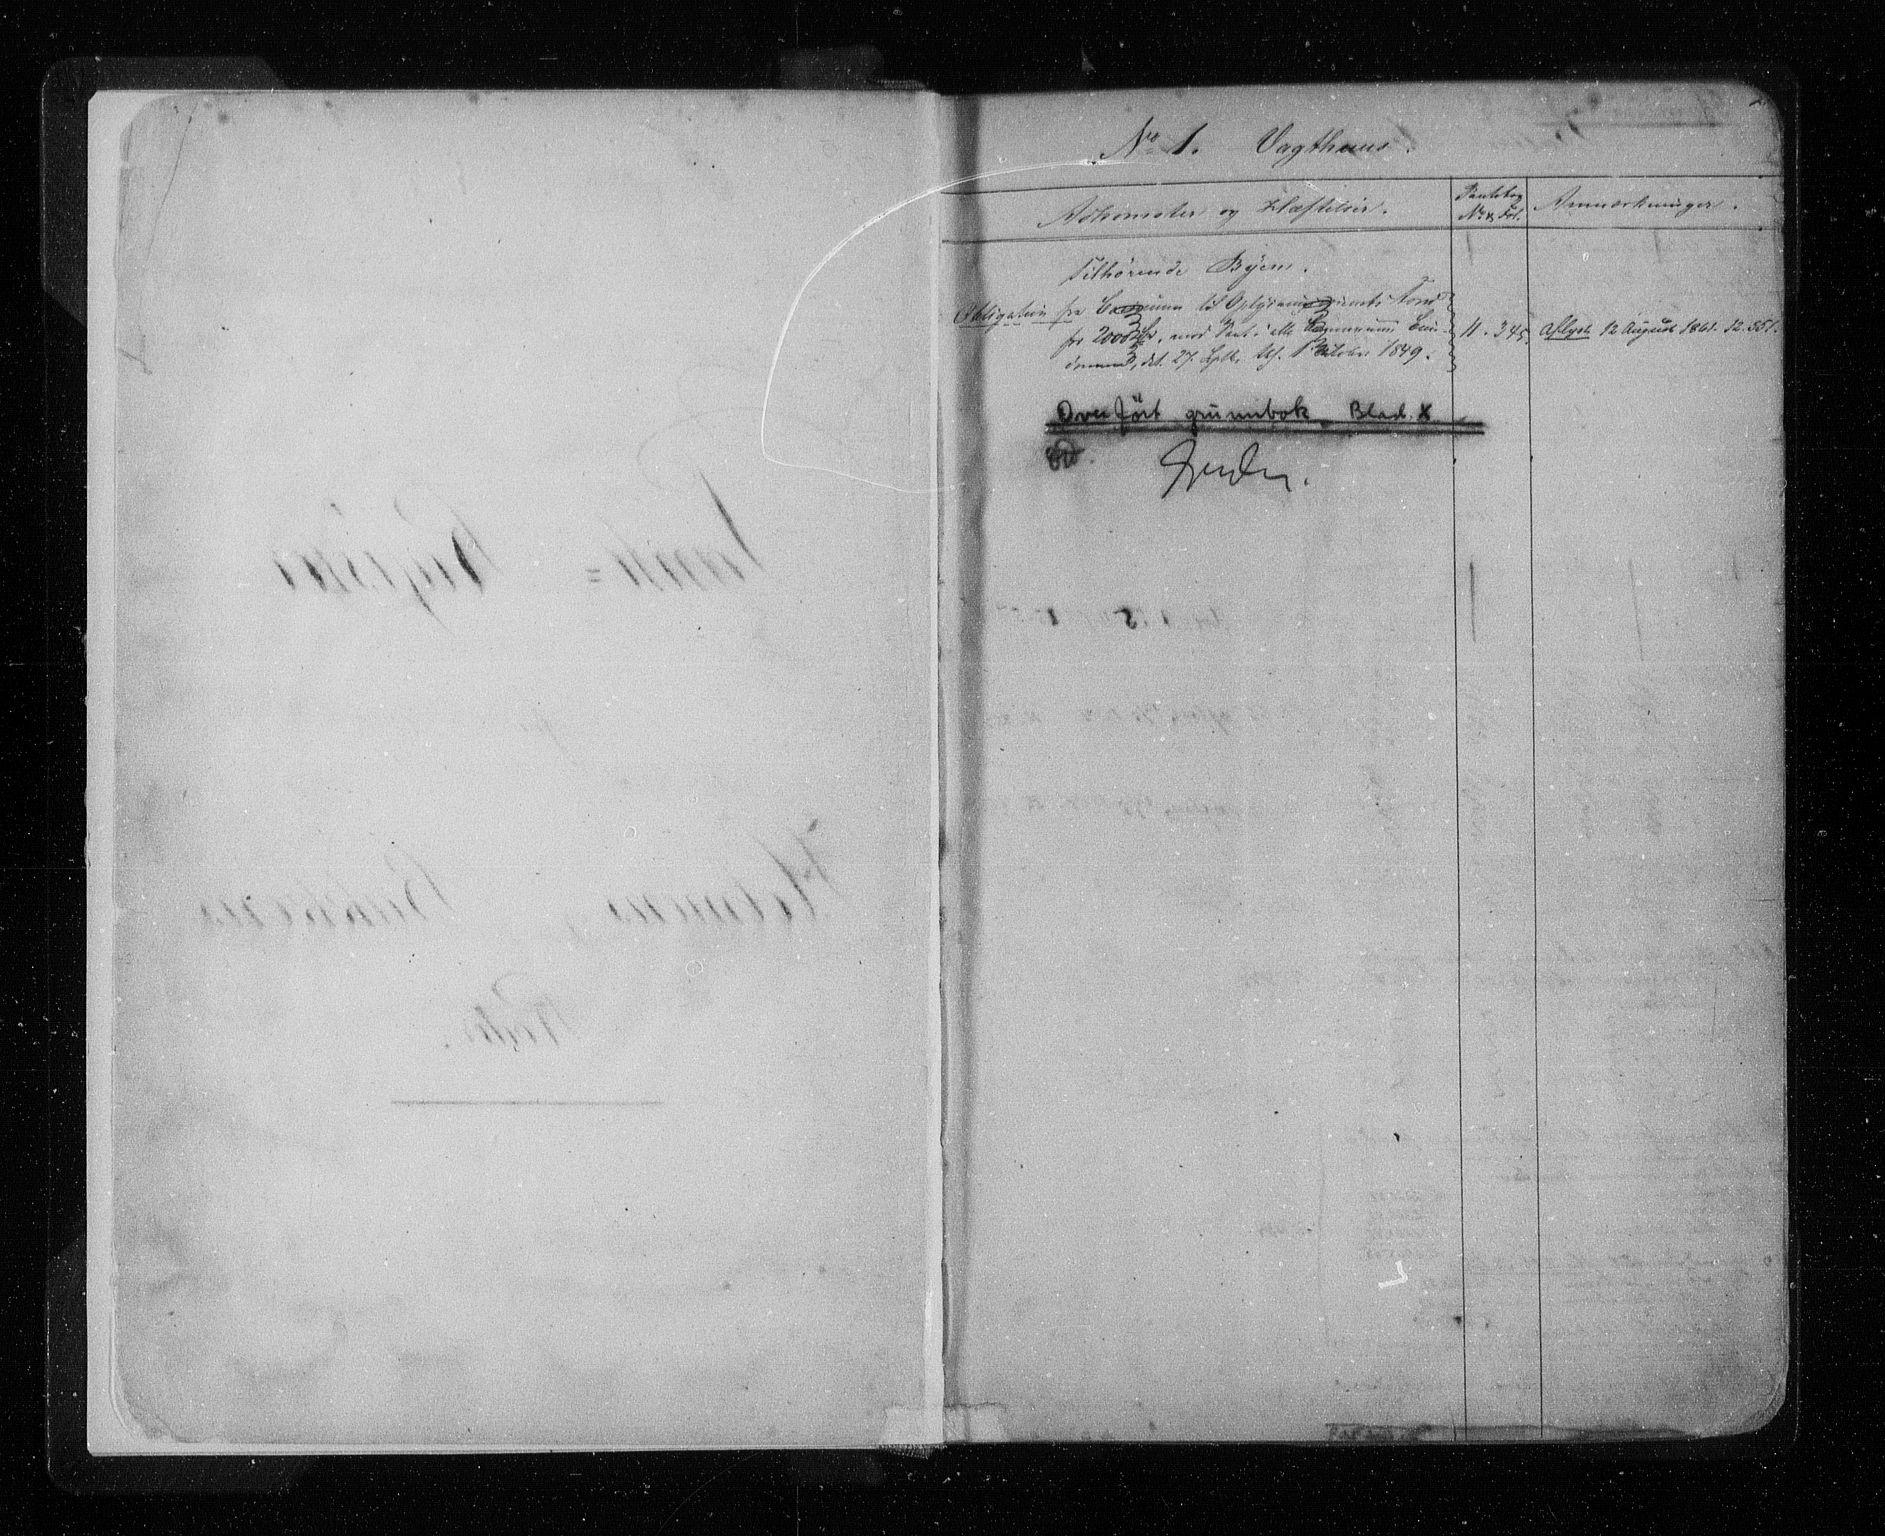 SAST, Stavanger byfogd, 4/41/410/410AD/L0001: Panteregister nr. AD 1, 1855, s. 2